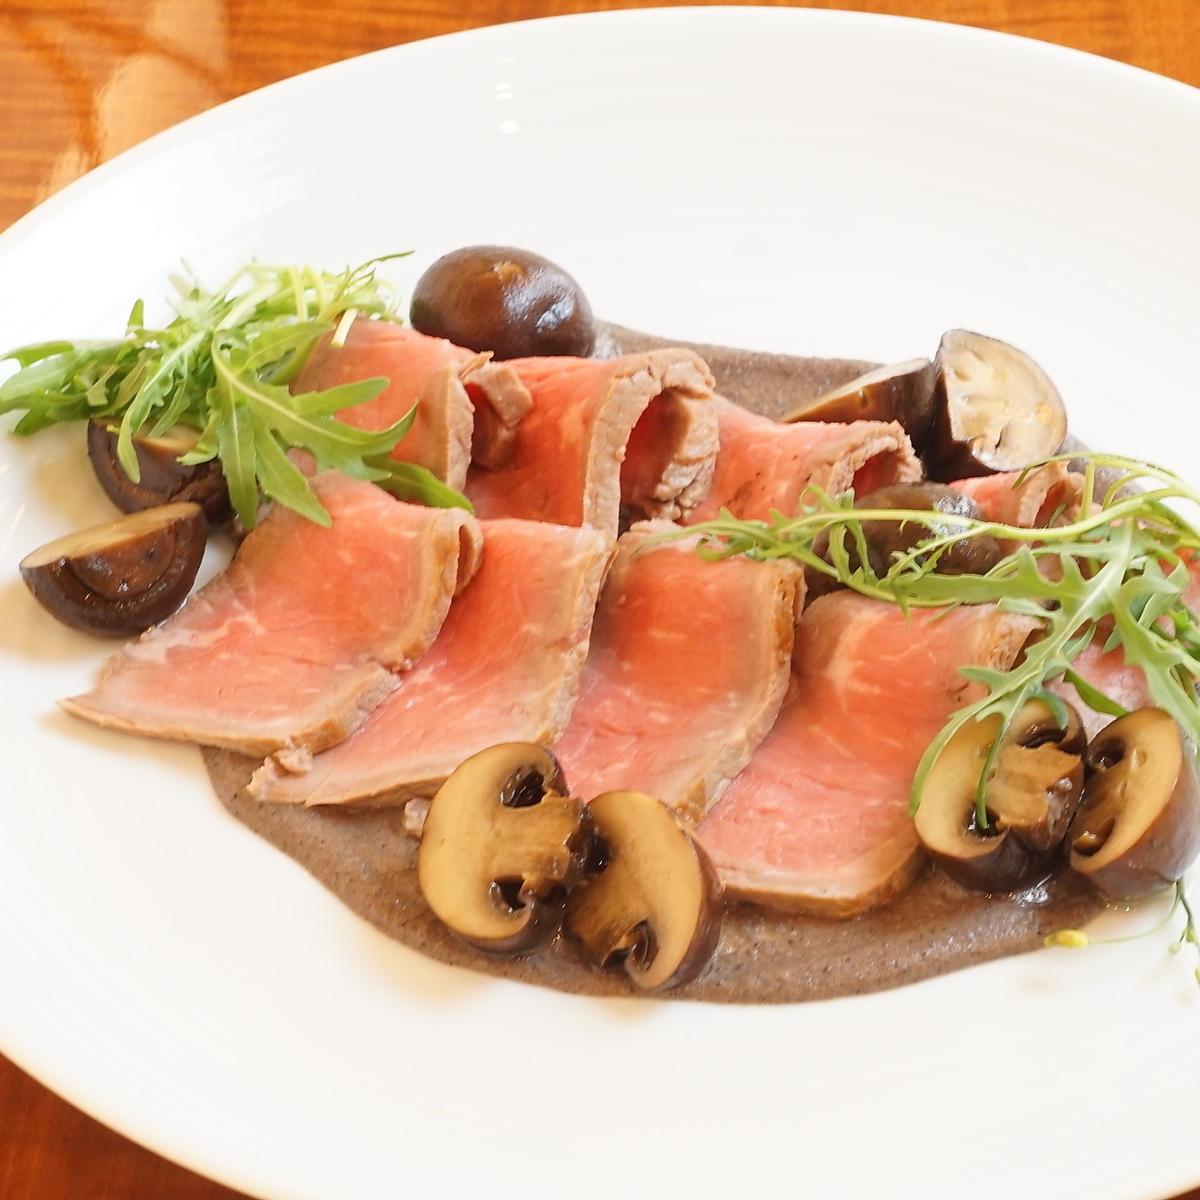 烤牛肉配黑松露酱和棕色蘑菇